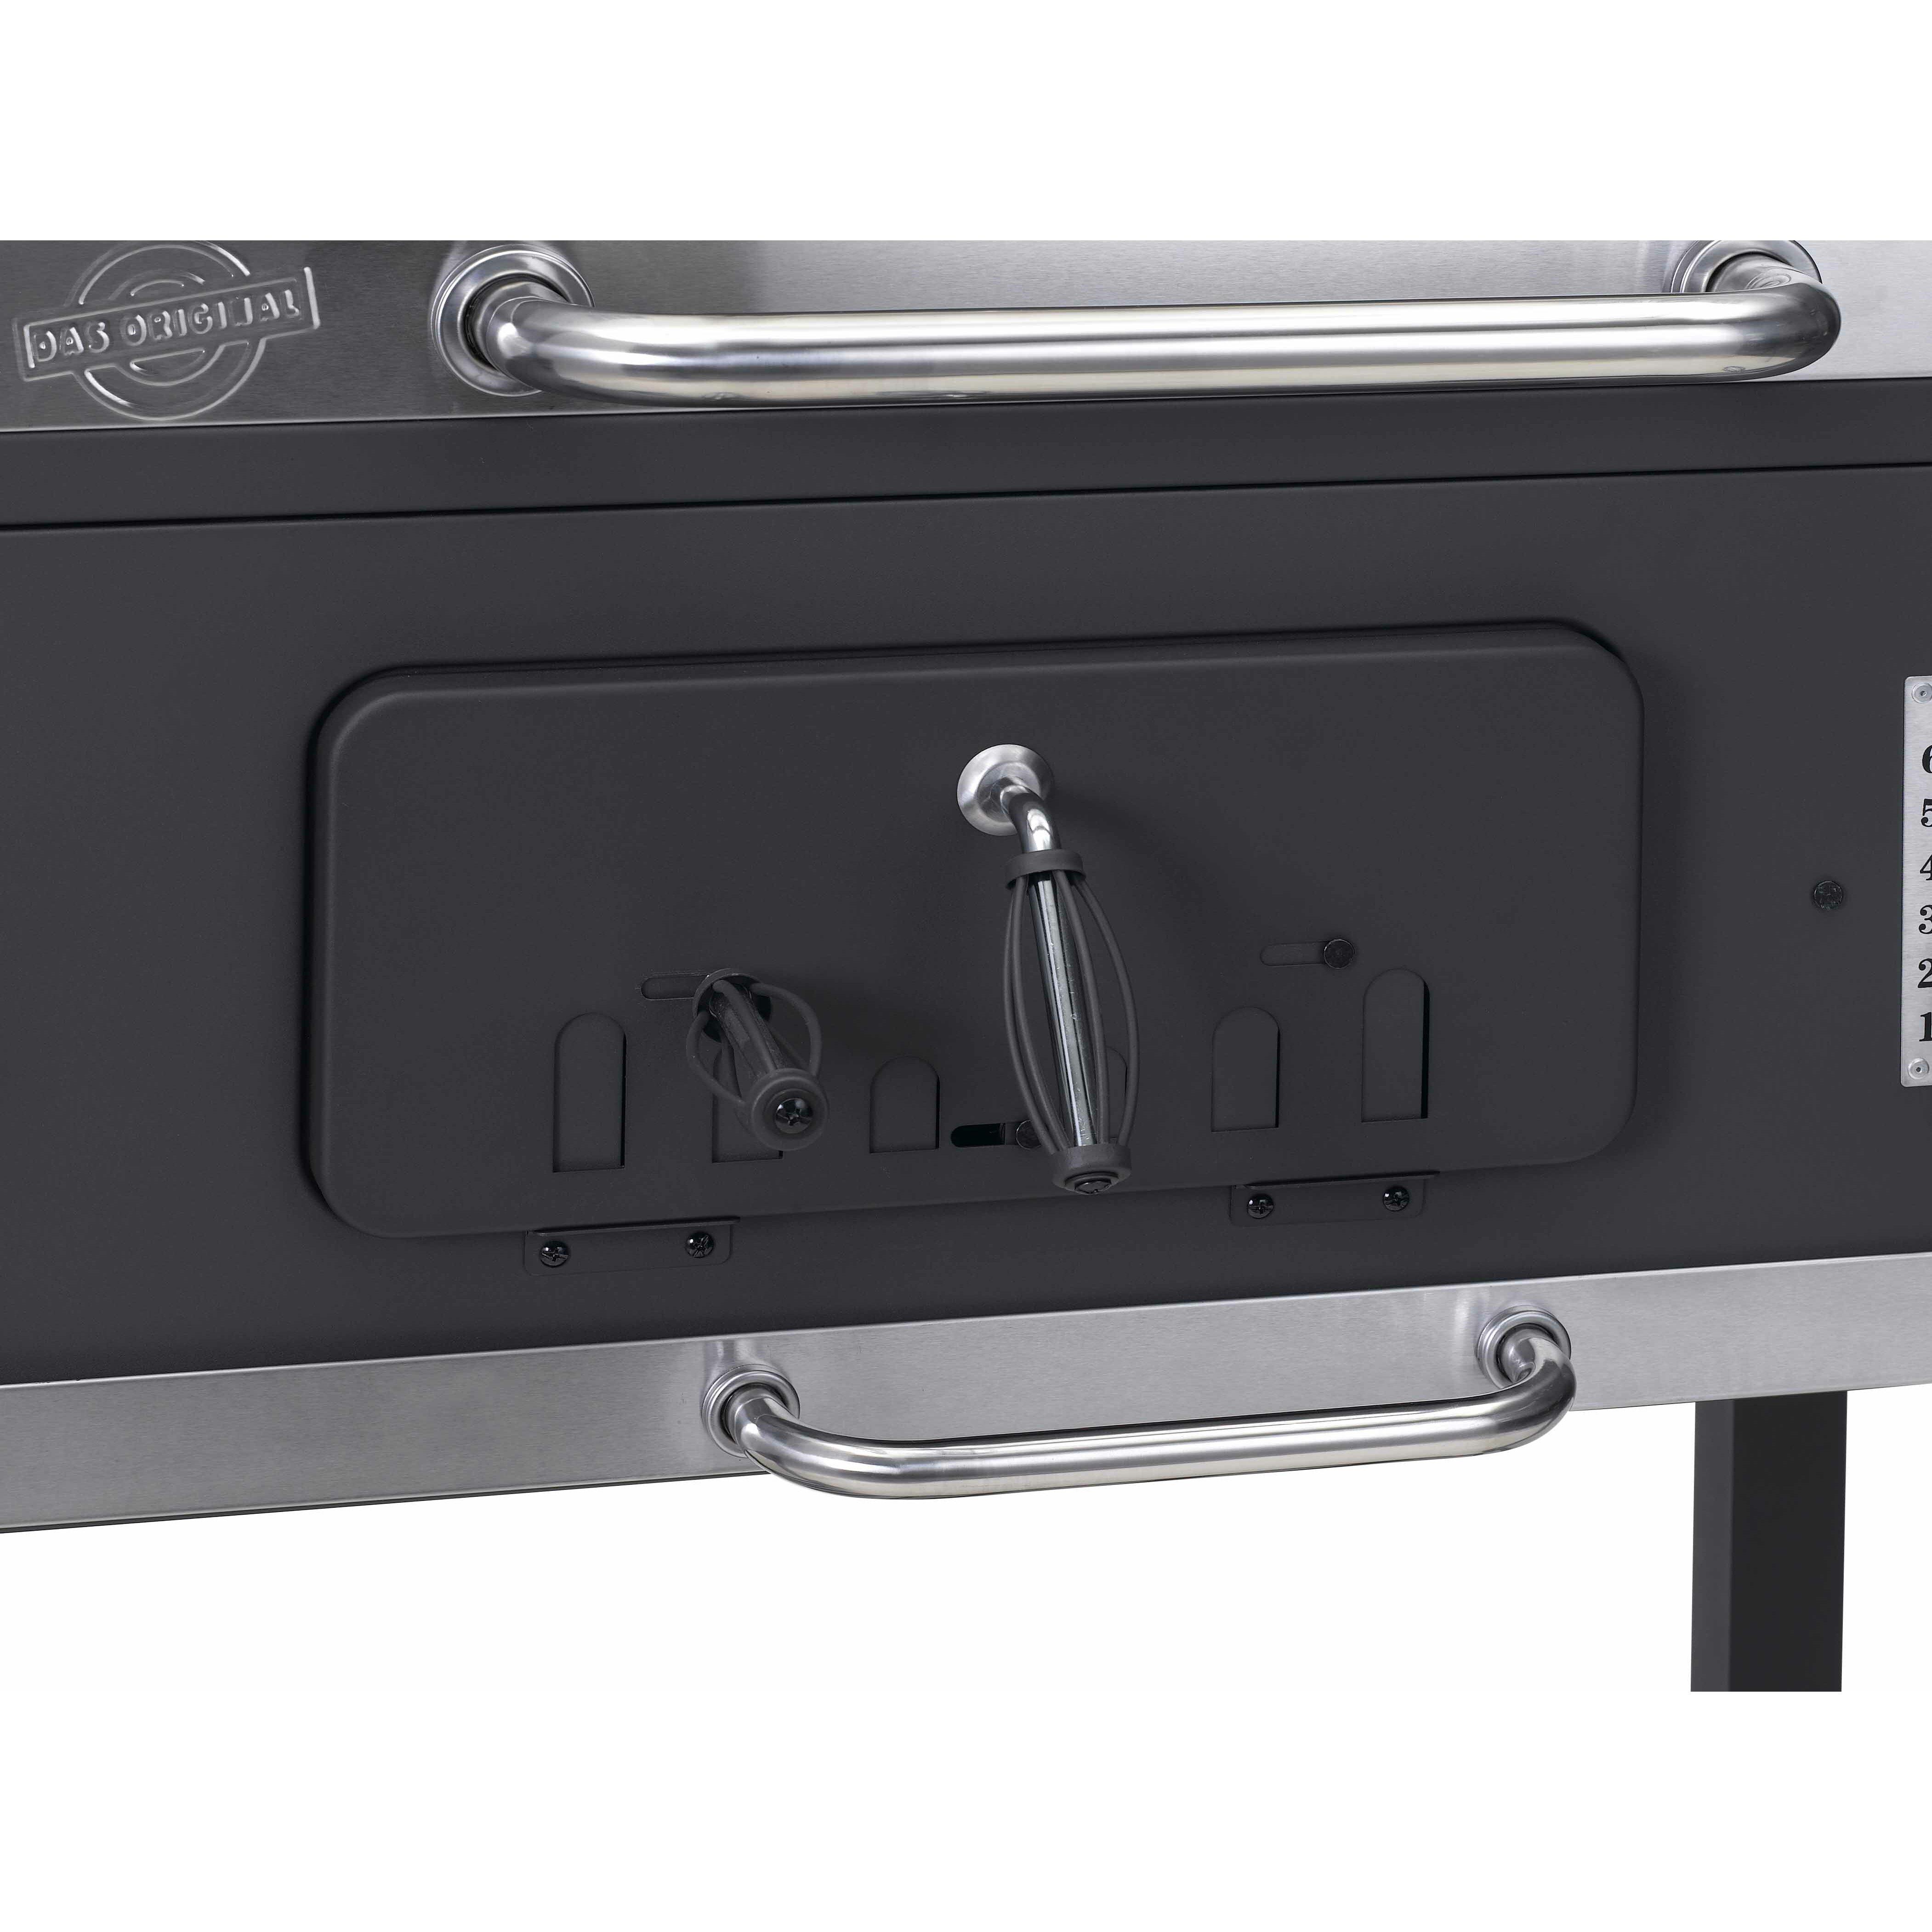 tepro beweglicher holzkohlegrill toronto xxl reviews von manufacturer. Black Bedroom Furniture Sets. Home Design Ideas